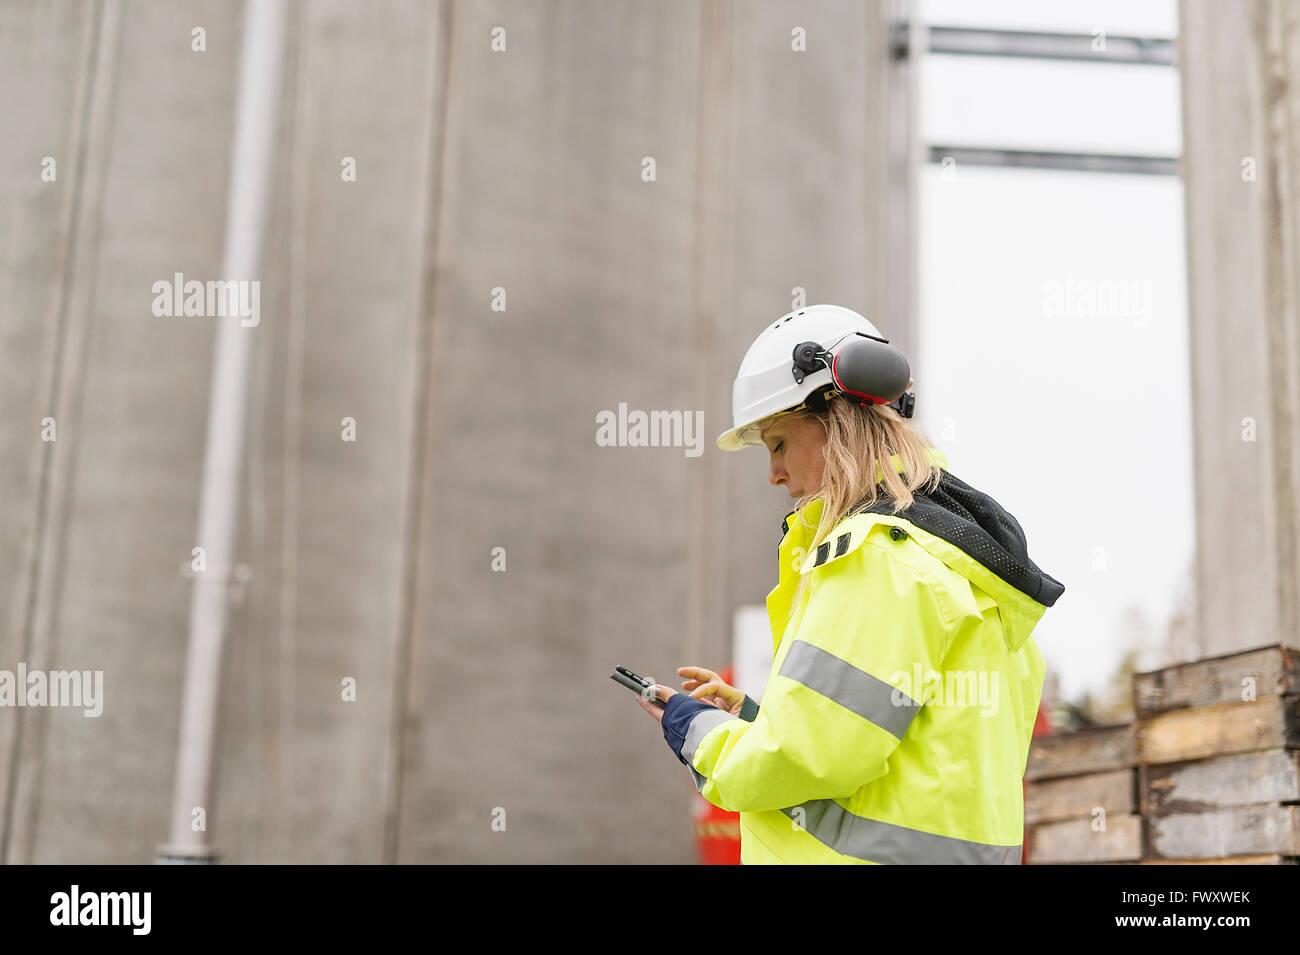 Schweden, Vastmanland, Ingenieur, arbeitet auf Baustelle Stockbild